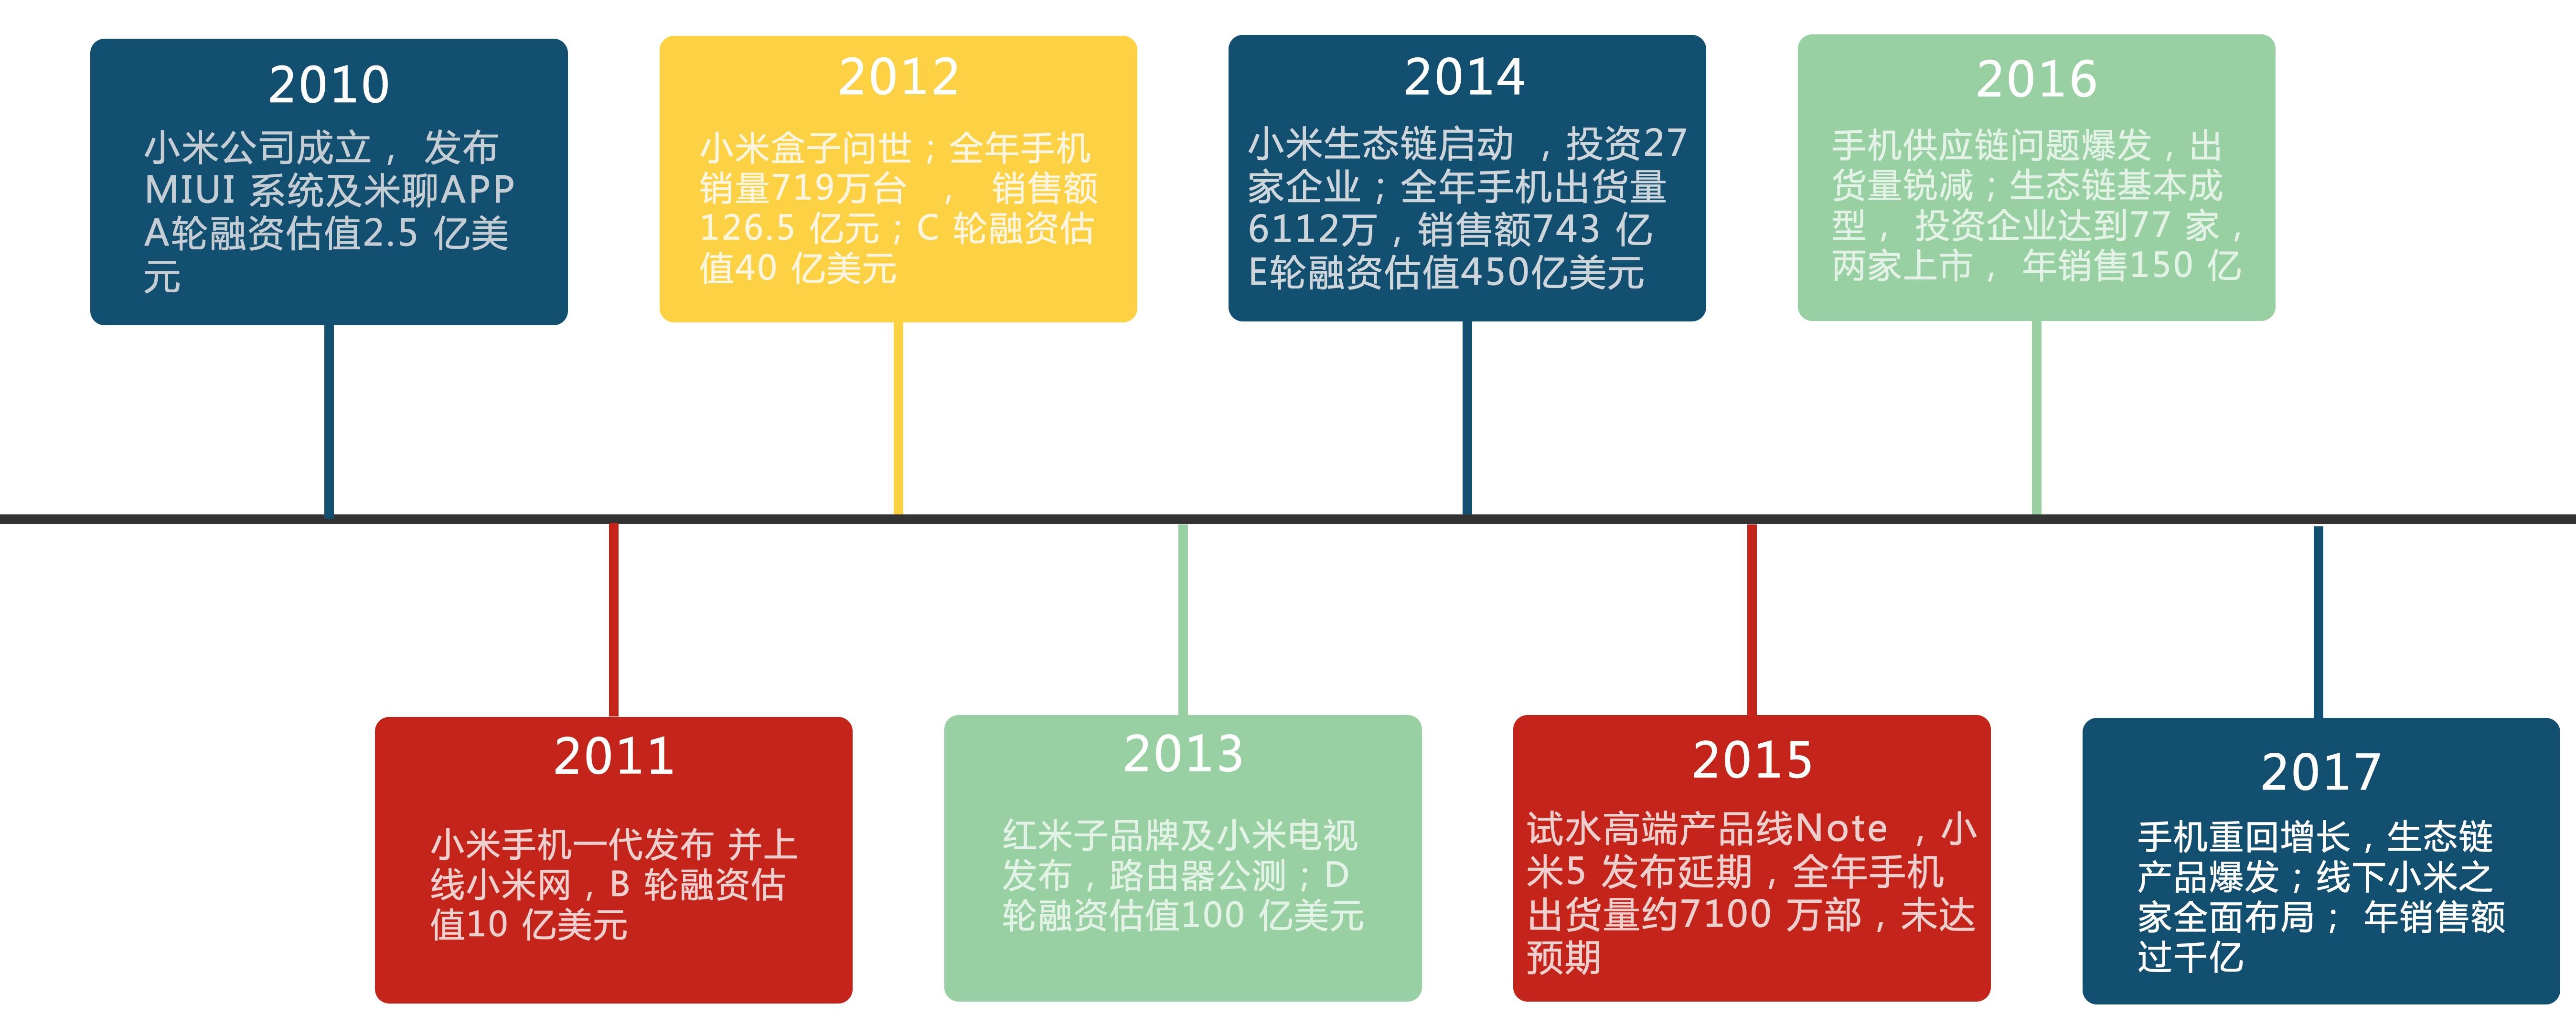 小米发展历程.jpg